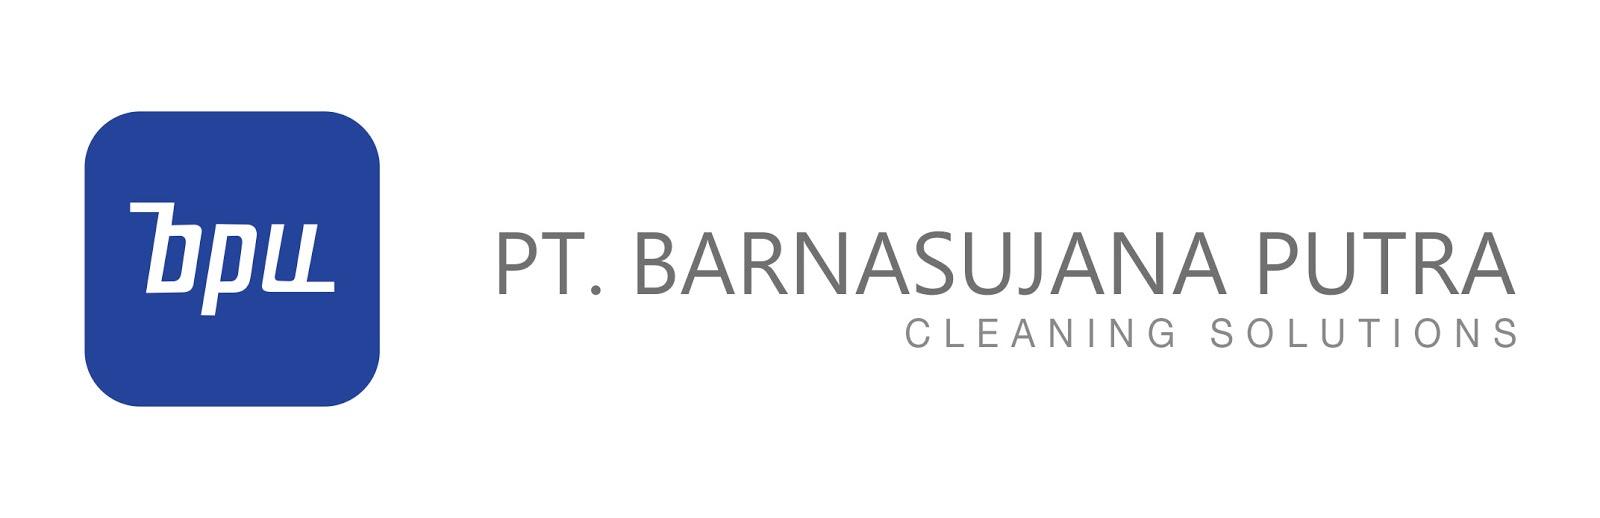 Lowongan Kerja Cleaning Service Cs Di Pt Barnasujana Putra Semarang Portal Info Lowongan Kerja Di Semarang Jawa Tengah Terbaru 2020